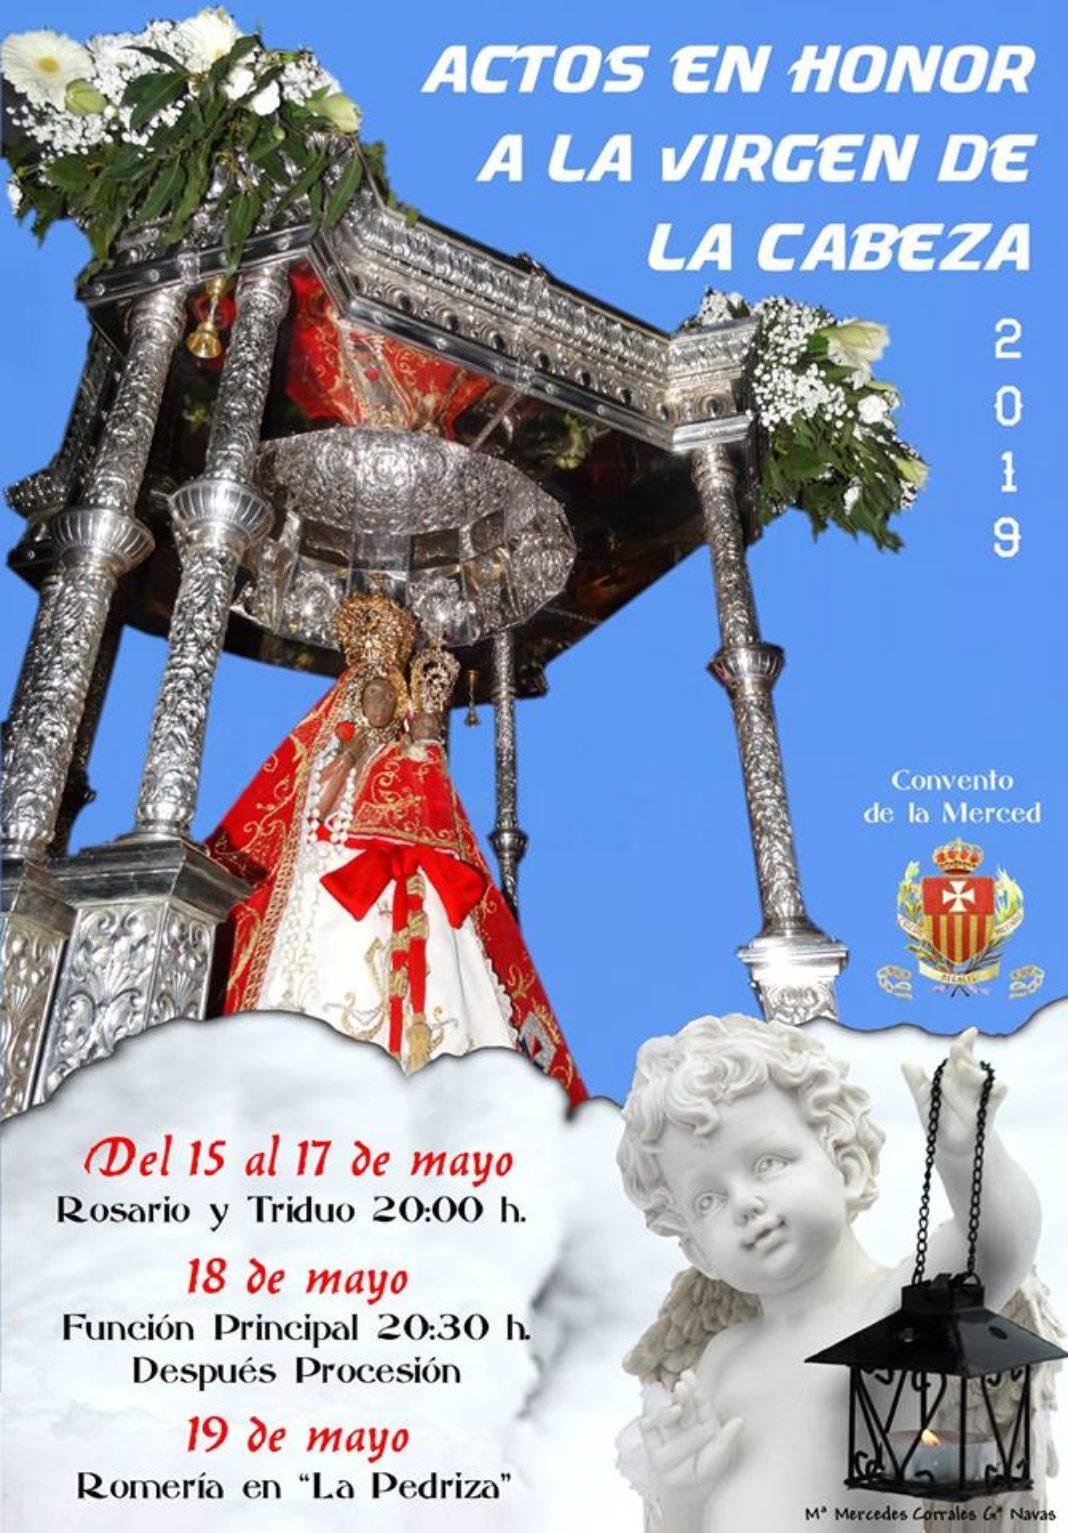 Festividad de la Virgen de la Cabeza en Herencia 1068x1533 - Actos religiosos en honor a la Virgen de la Cabeza en el convento de La Merced